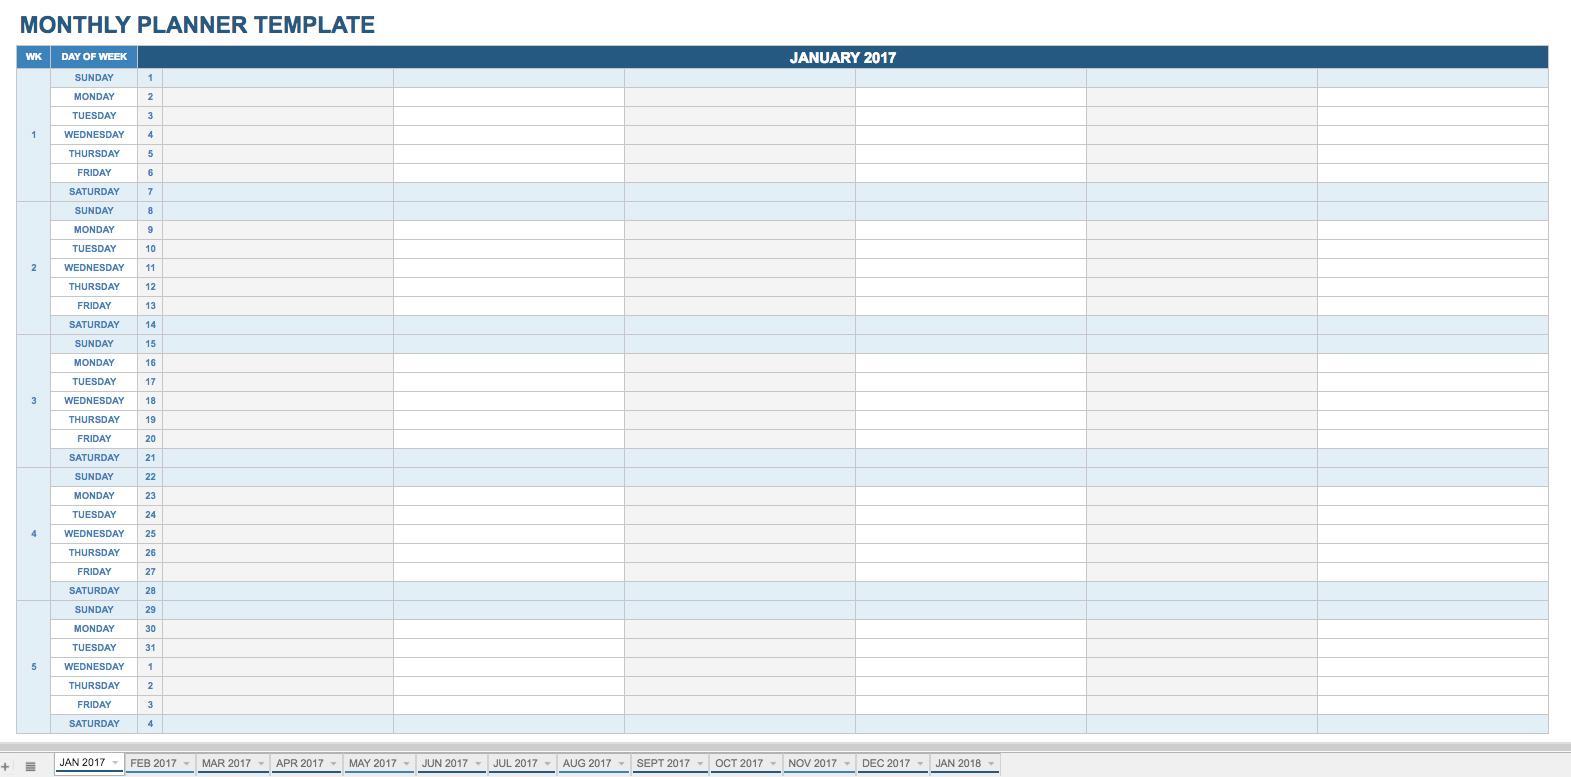 Employee Monthly Schedule Calendar Template